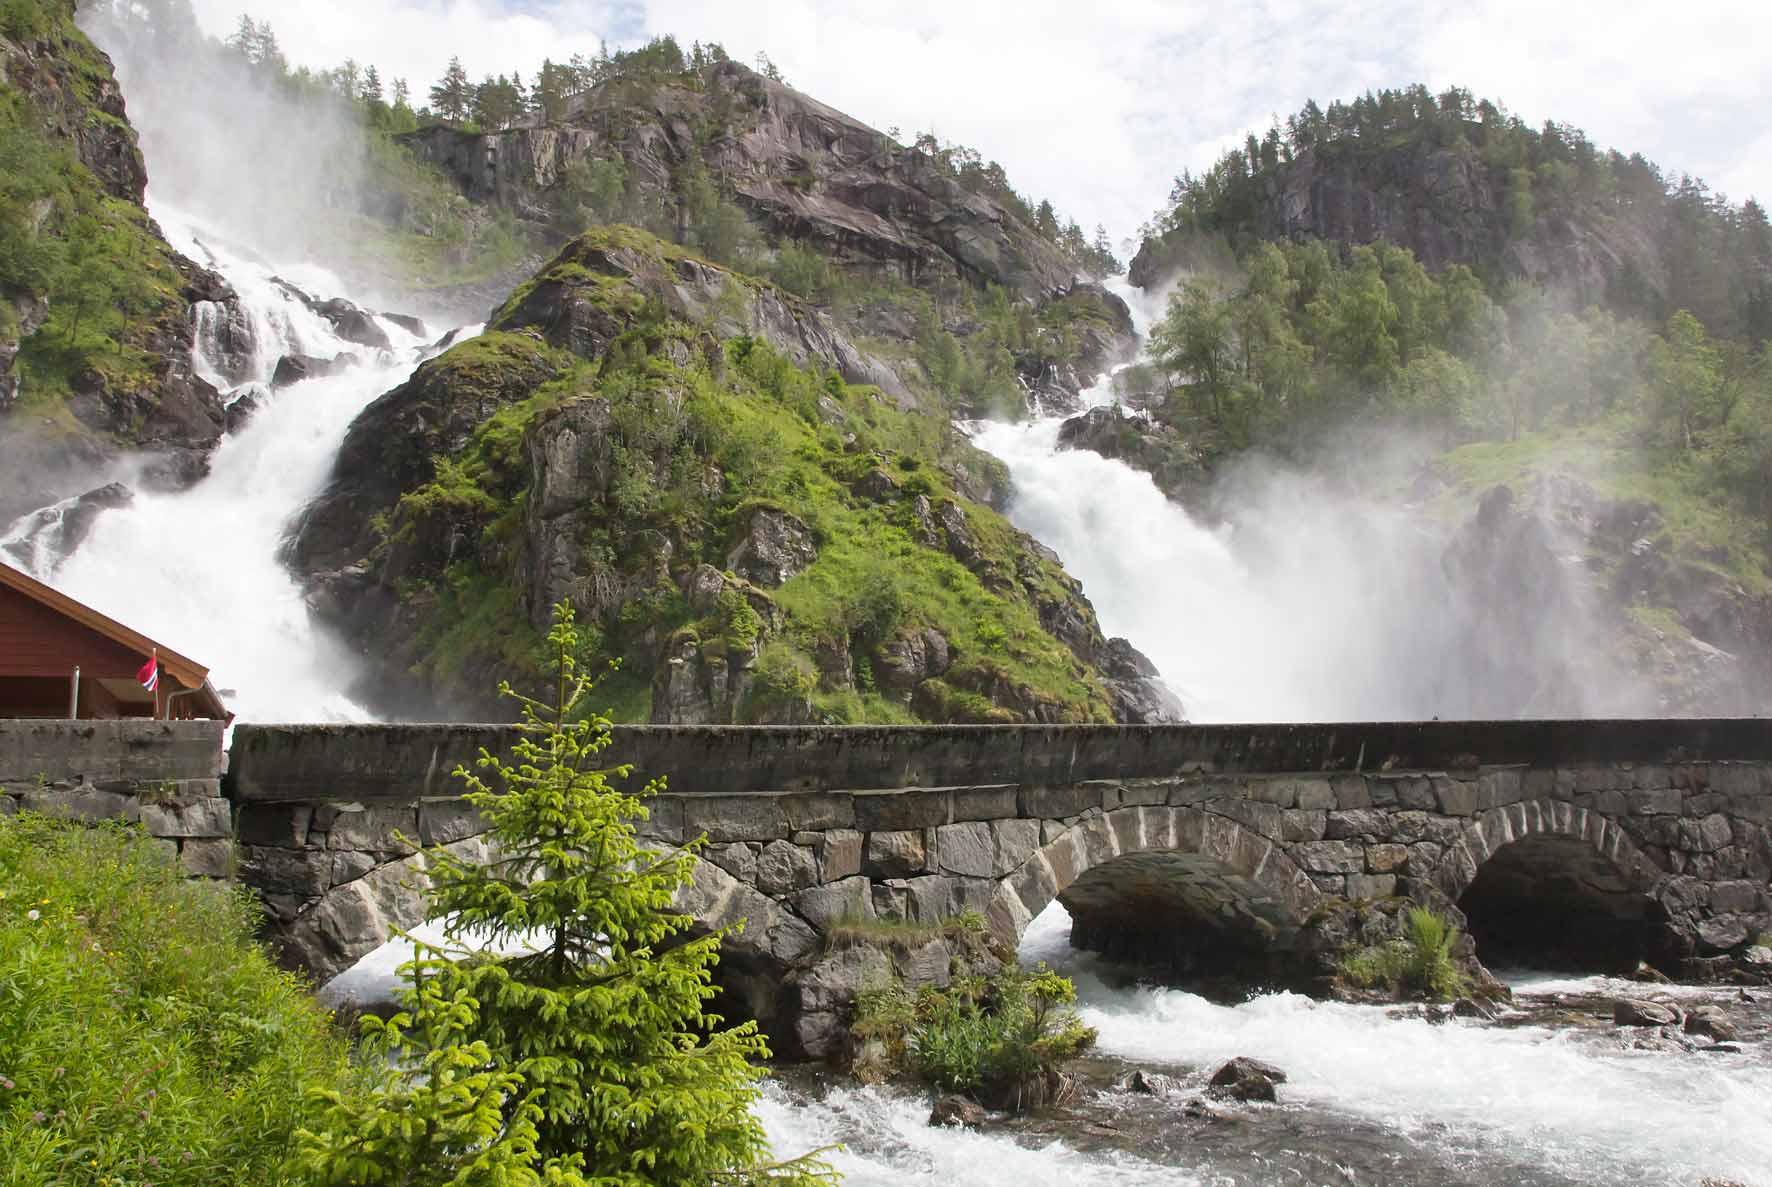 Zwillingswasserfall Låtefossen, Norwegen, Wasserfall, Odda